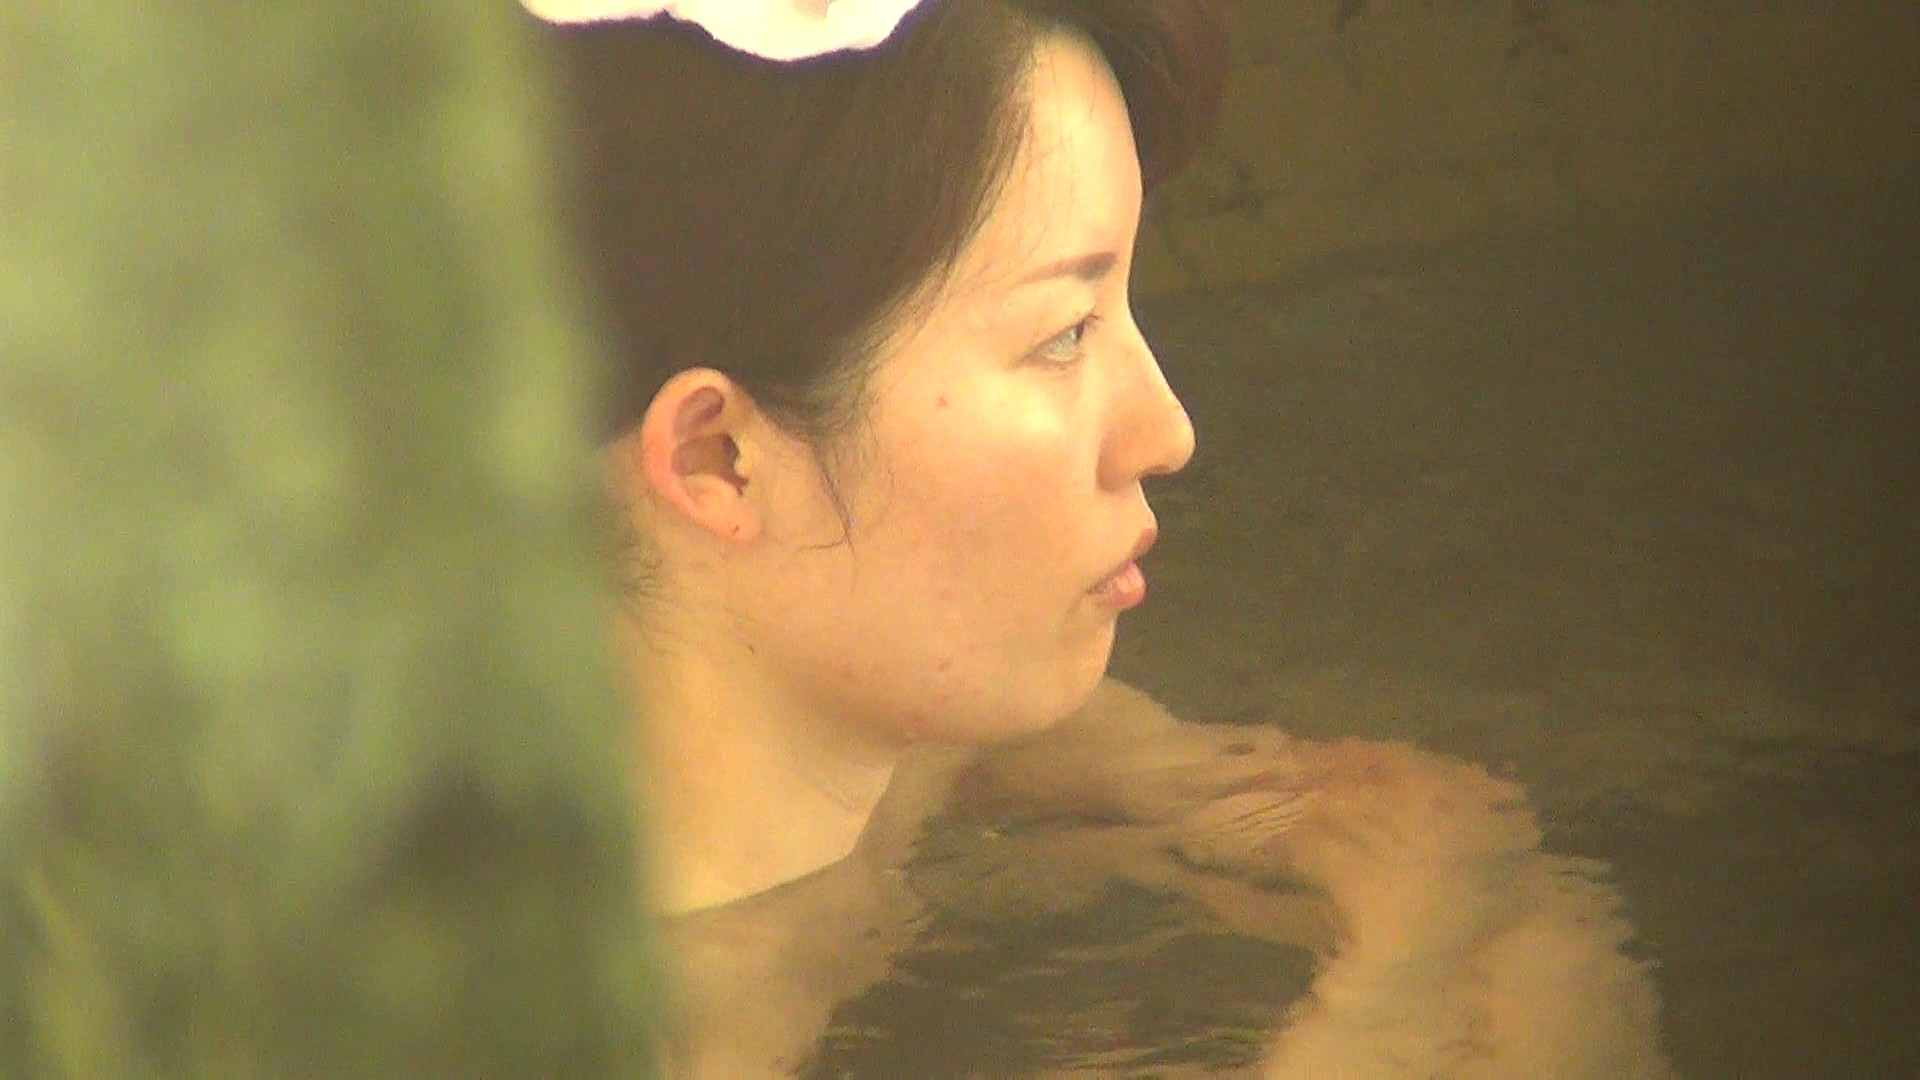 Aquaな露天風呂Vol.301 OLハメ撮り  41Pix 34